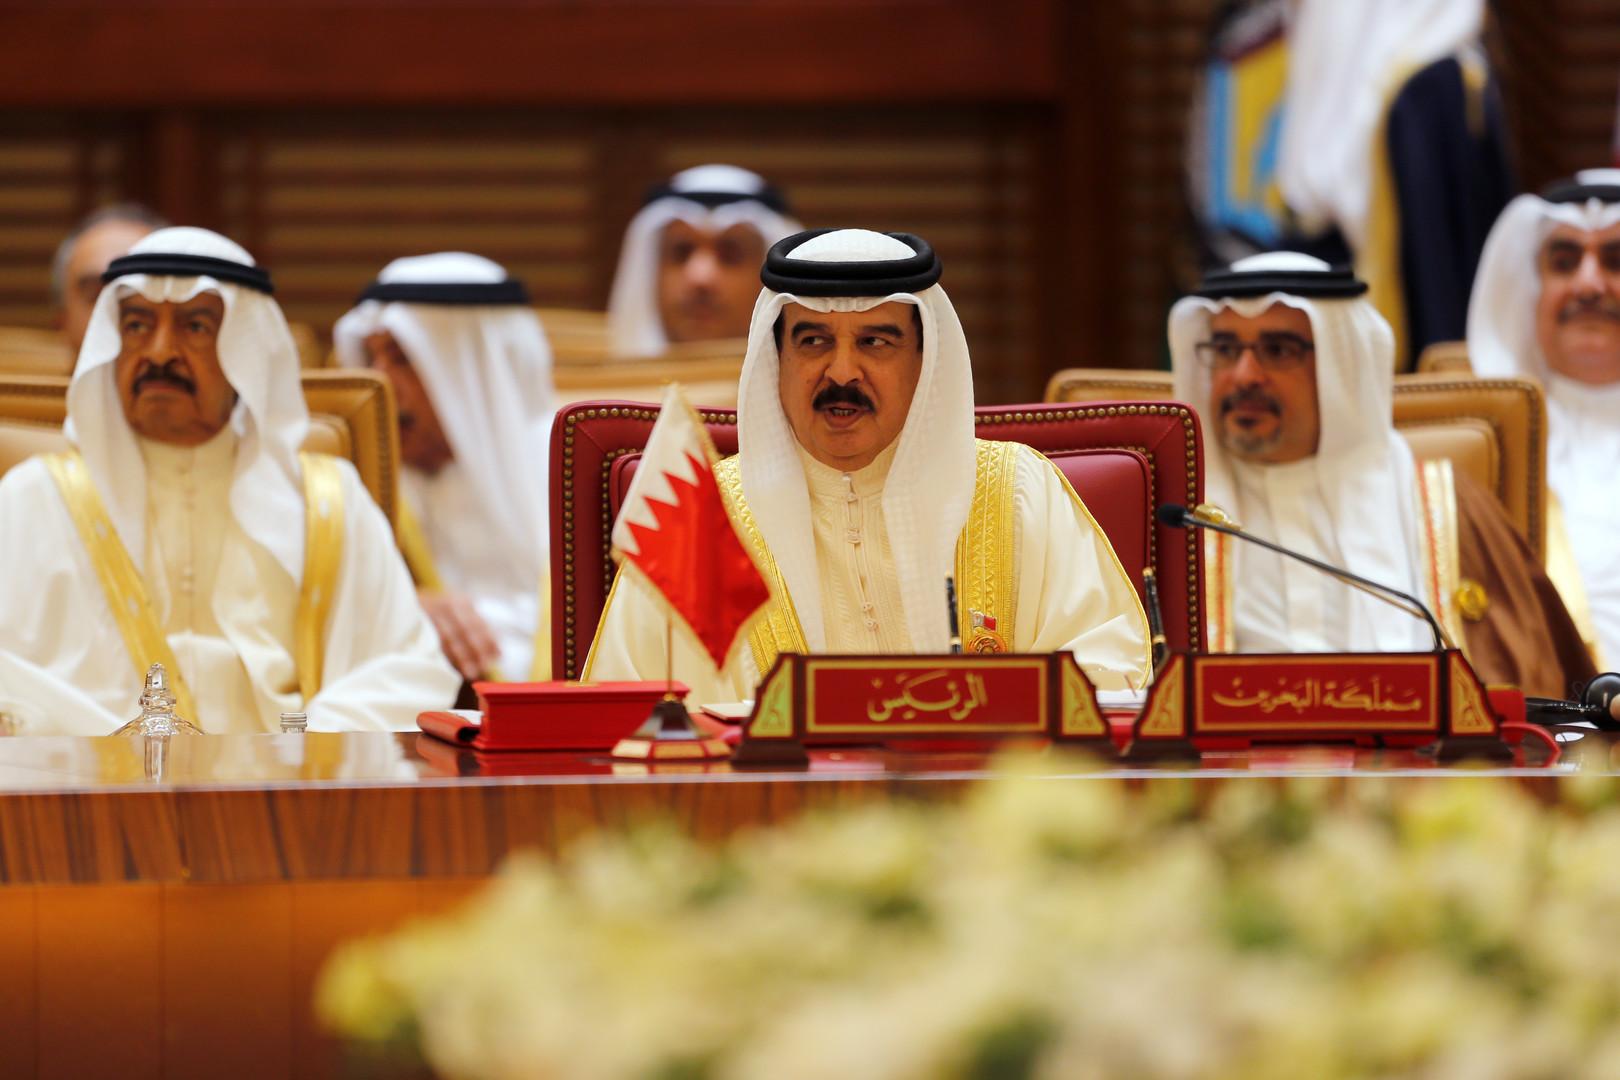 العاهل البحريني، الملك حمد بن عيسي آل خليفة